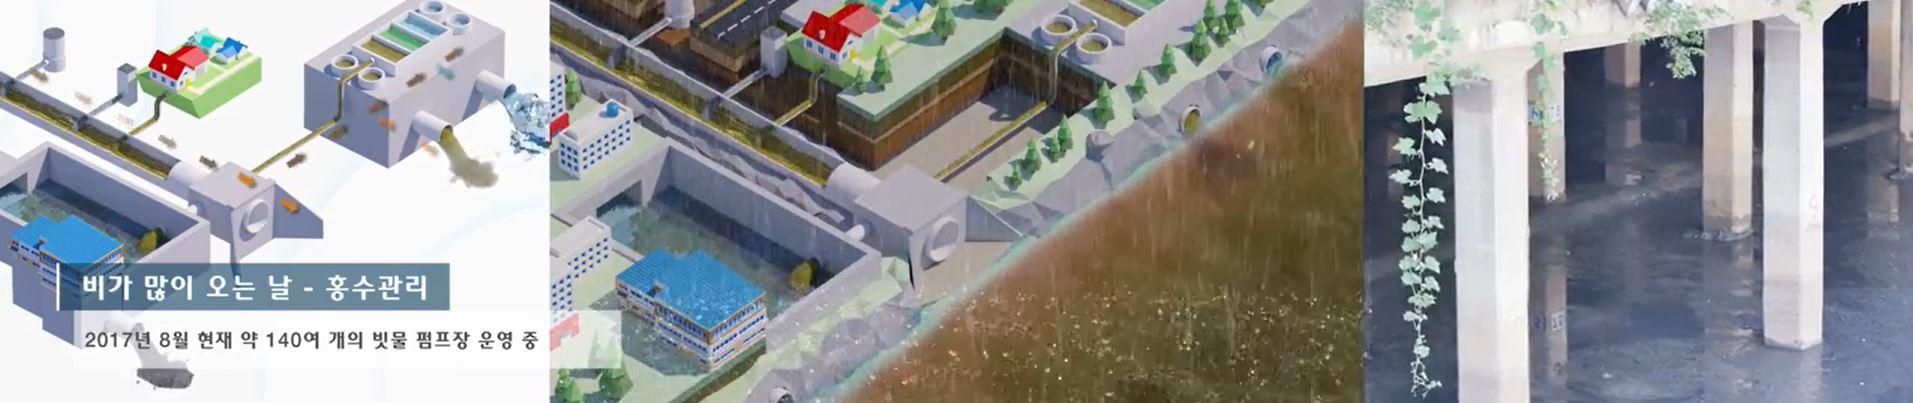 서울하수도과학관 소개 영상 이미지